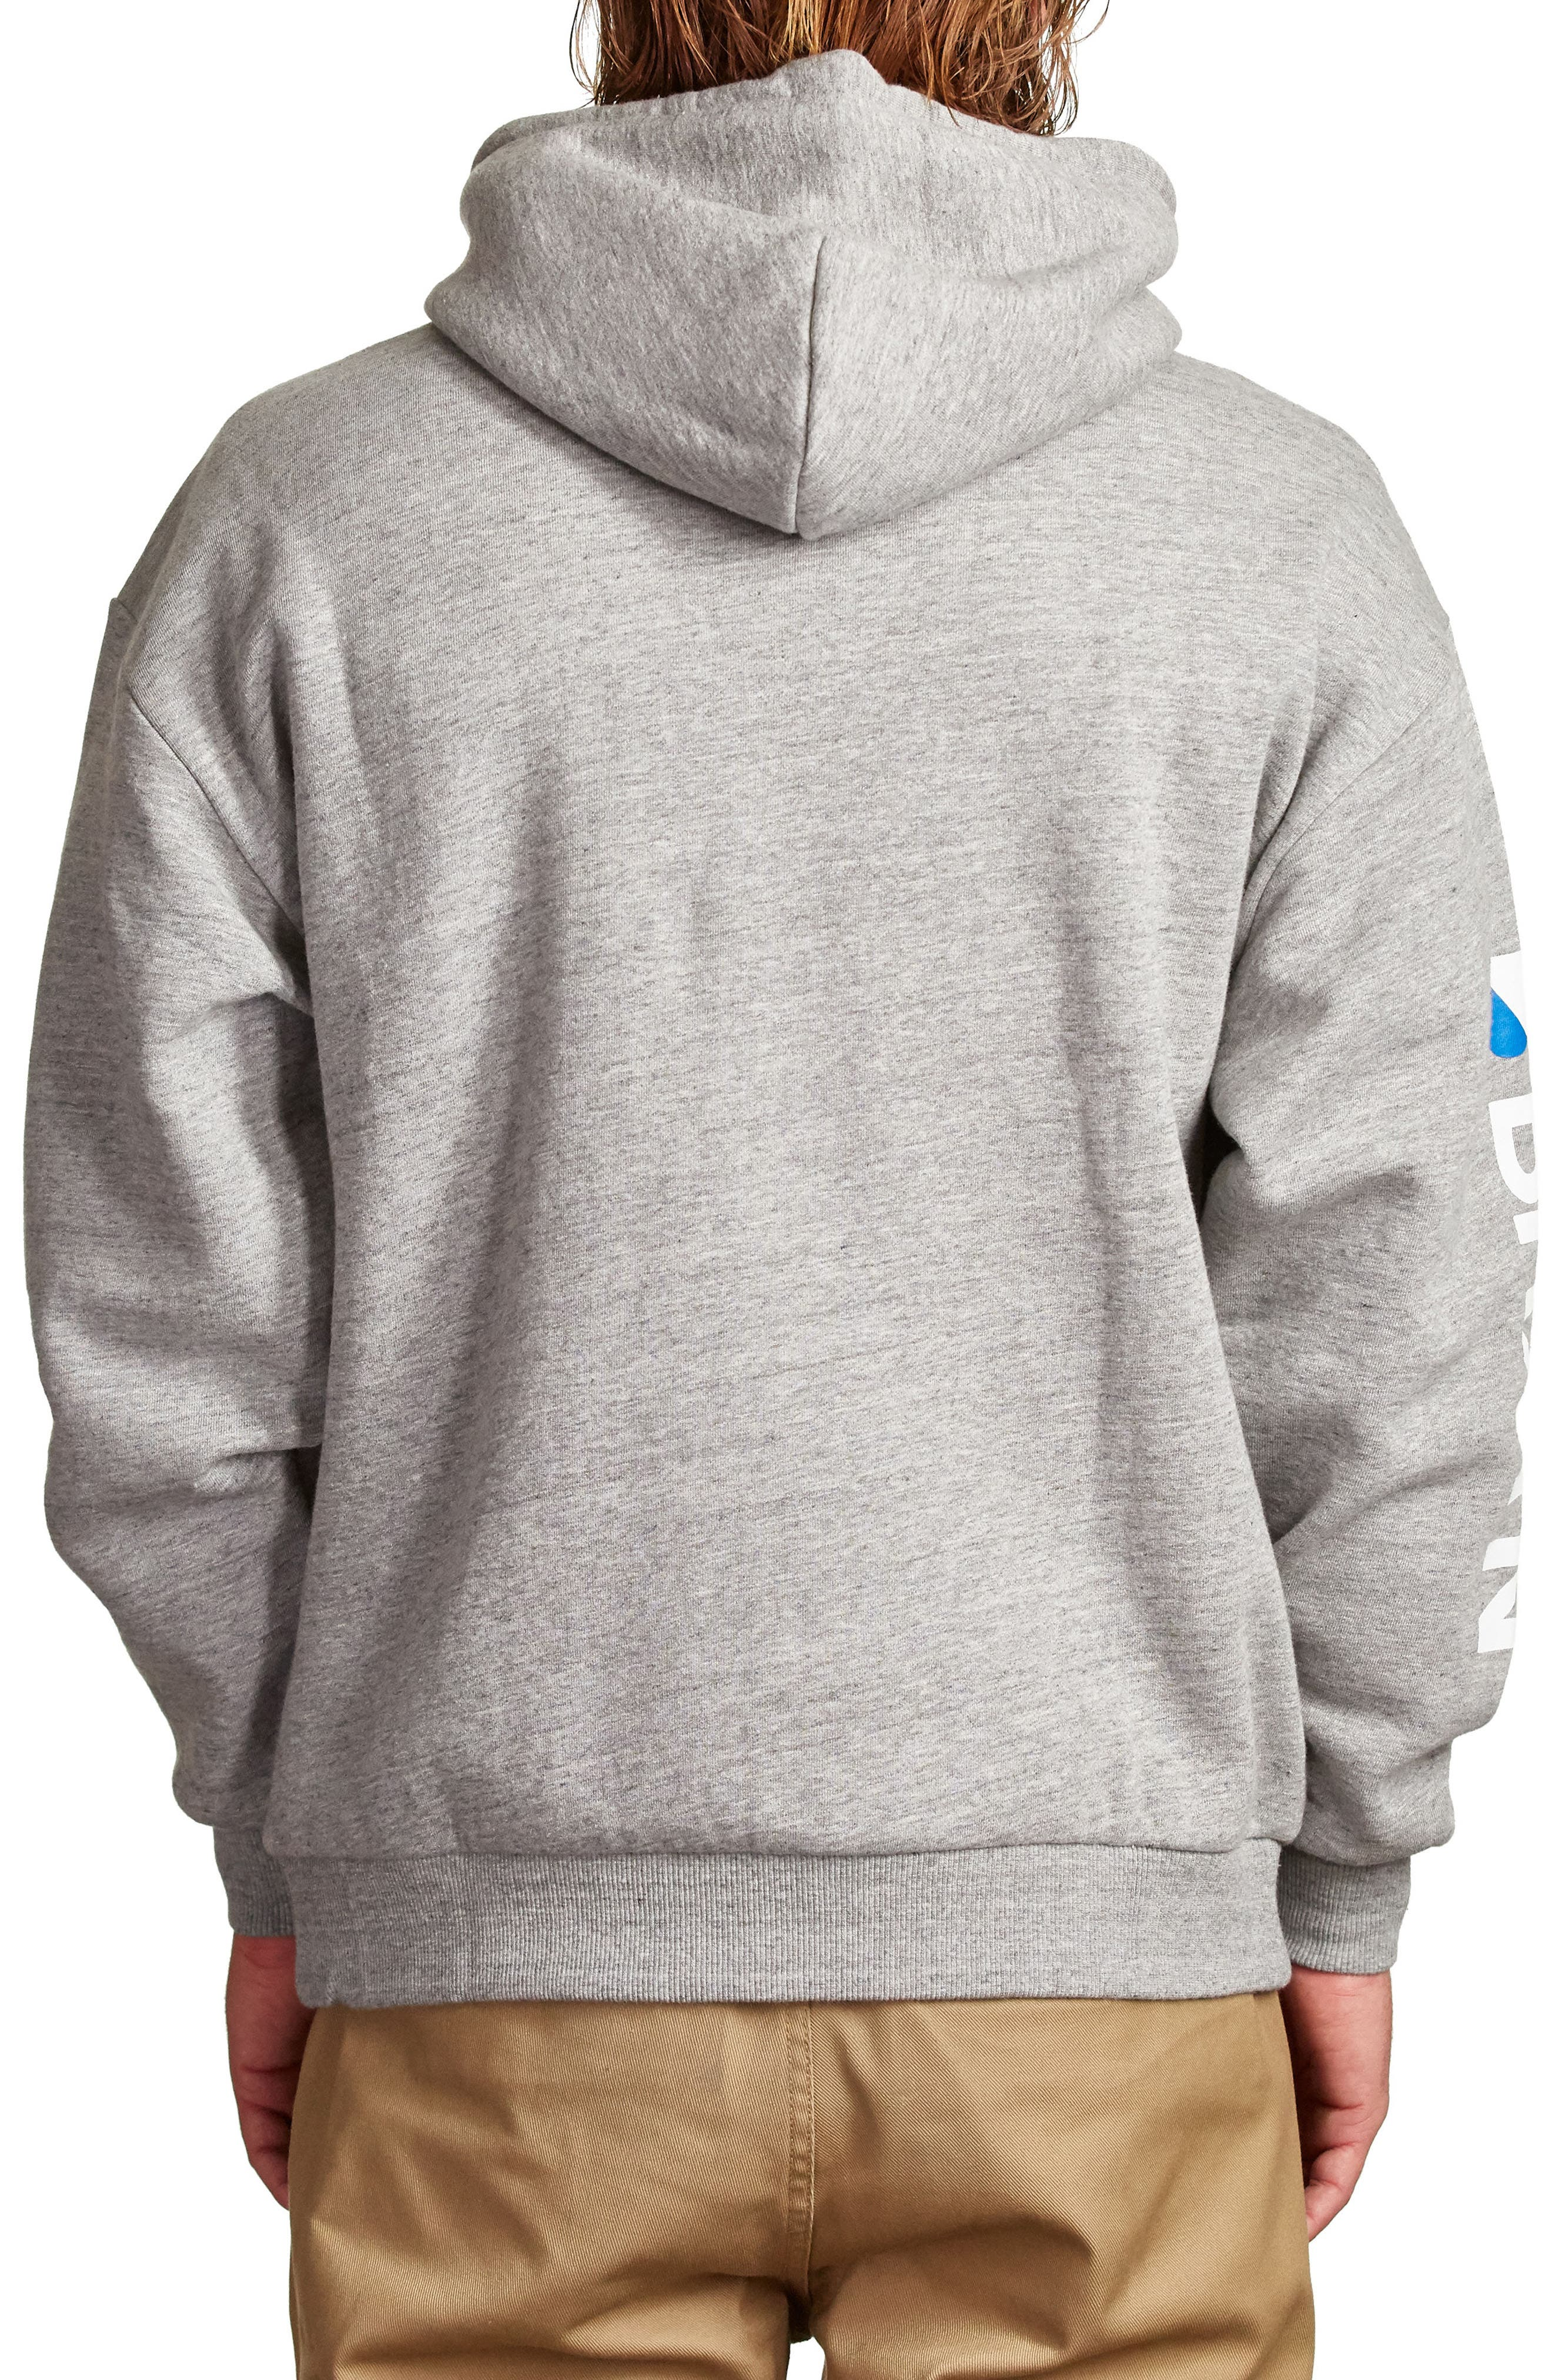 Stowell Hoodie Sweatshirt,                             Alternate thumbnail 2, color,                             Heather Grey